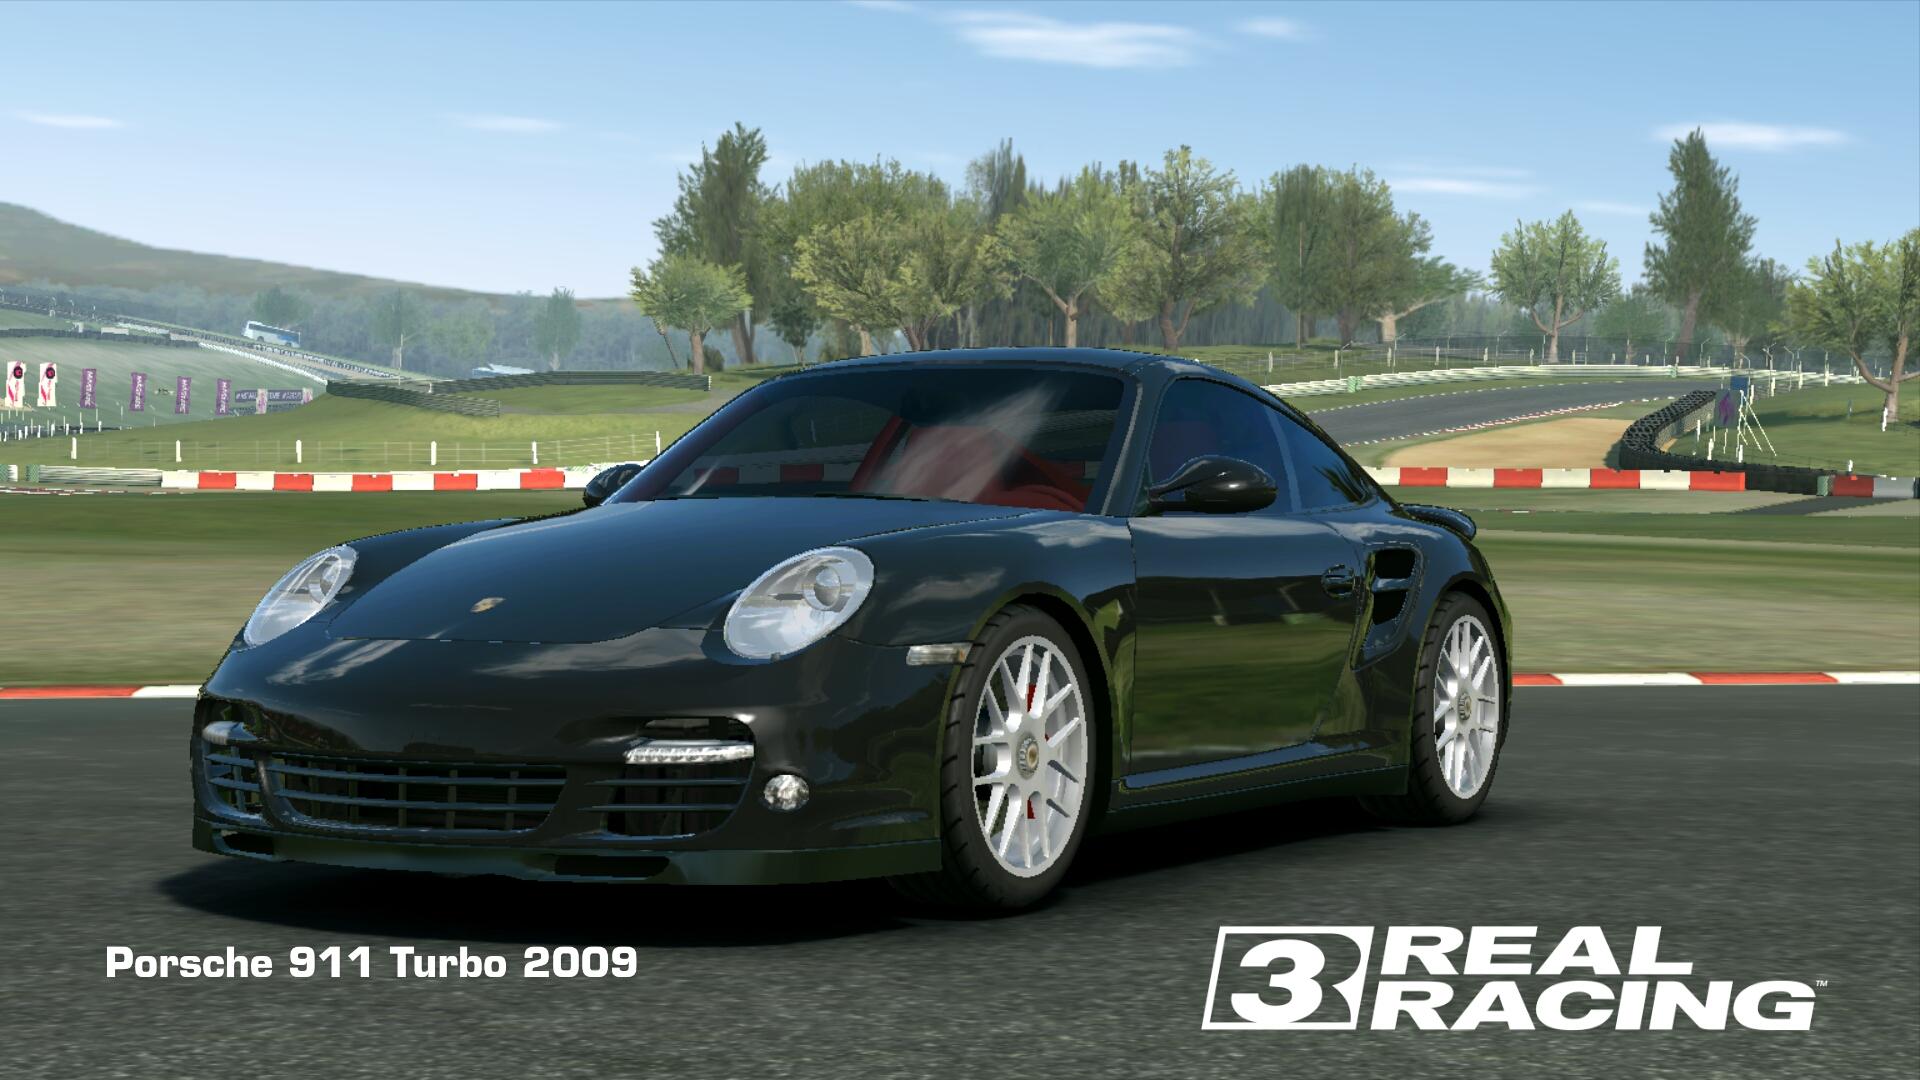 Showcase Porsche 911 Turbo (2009)